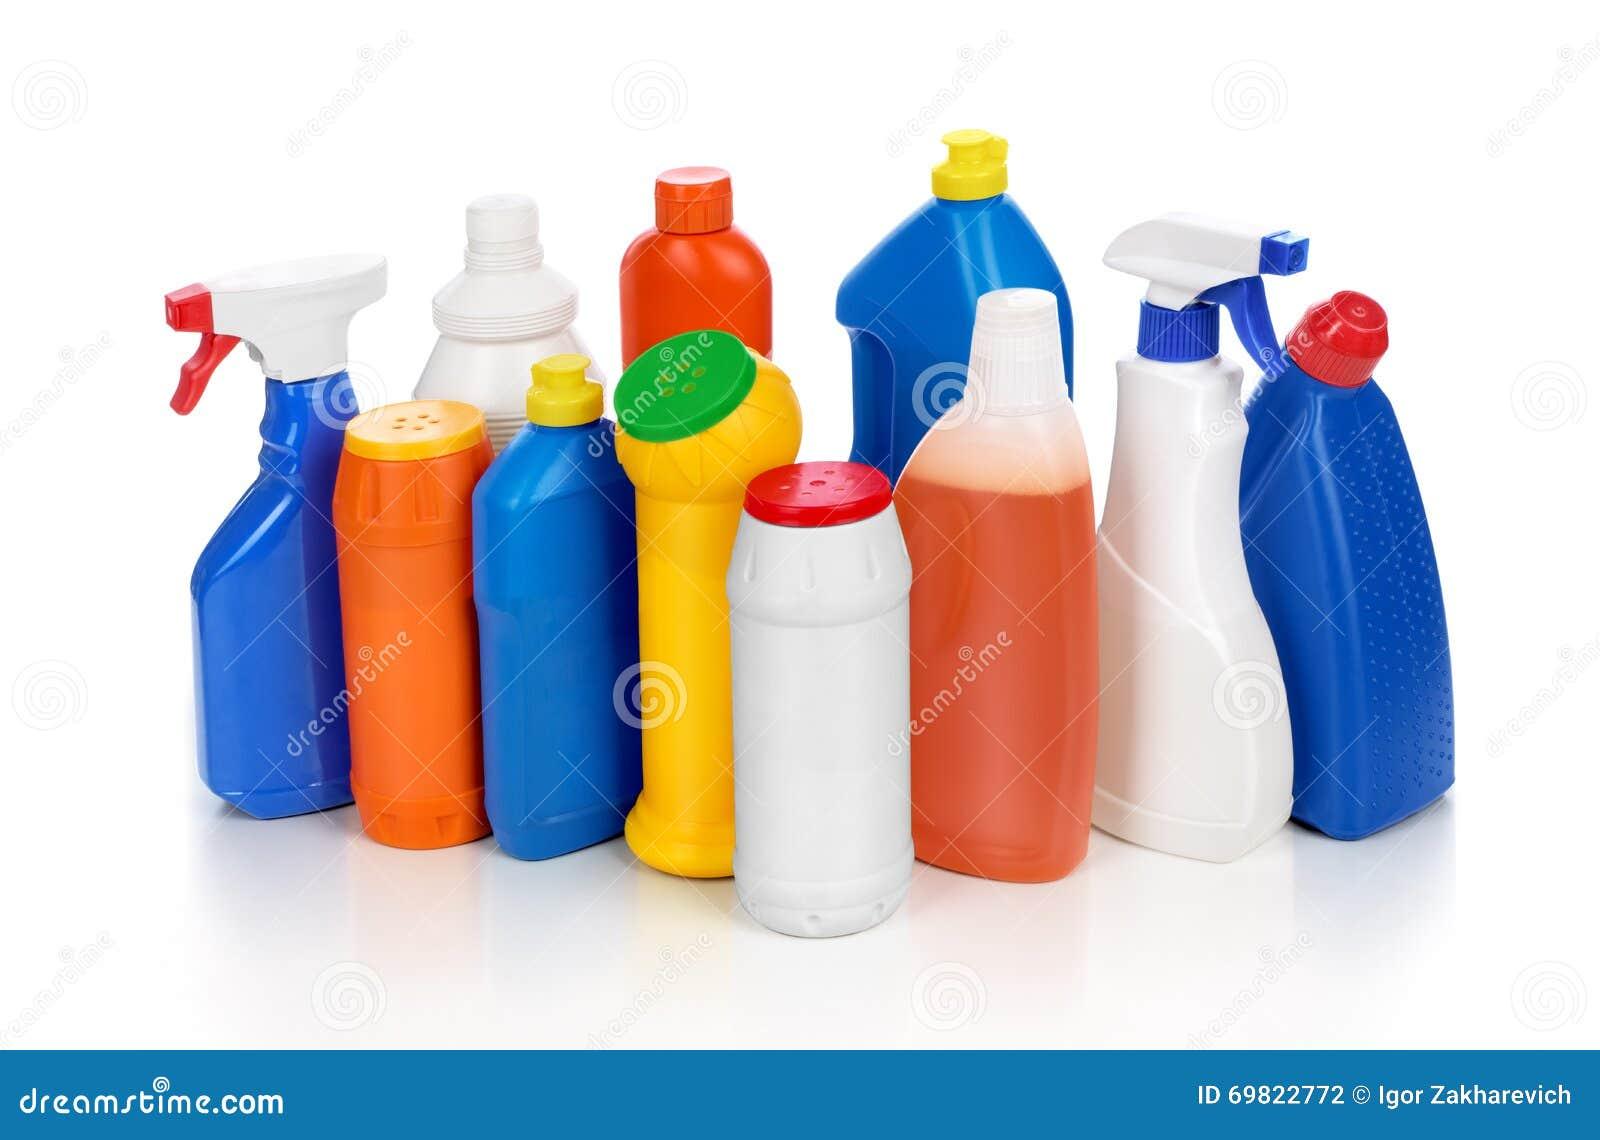 装瓶洗涤剂塑料